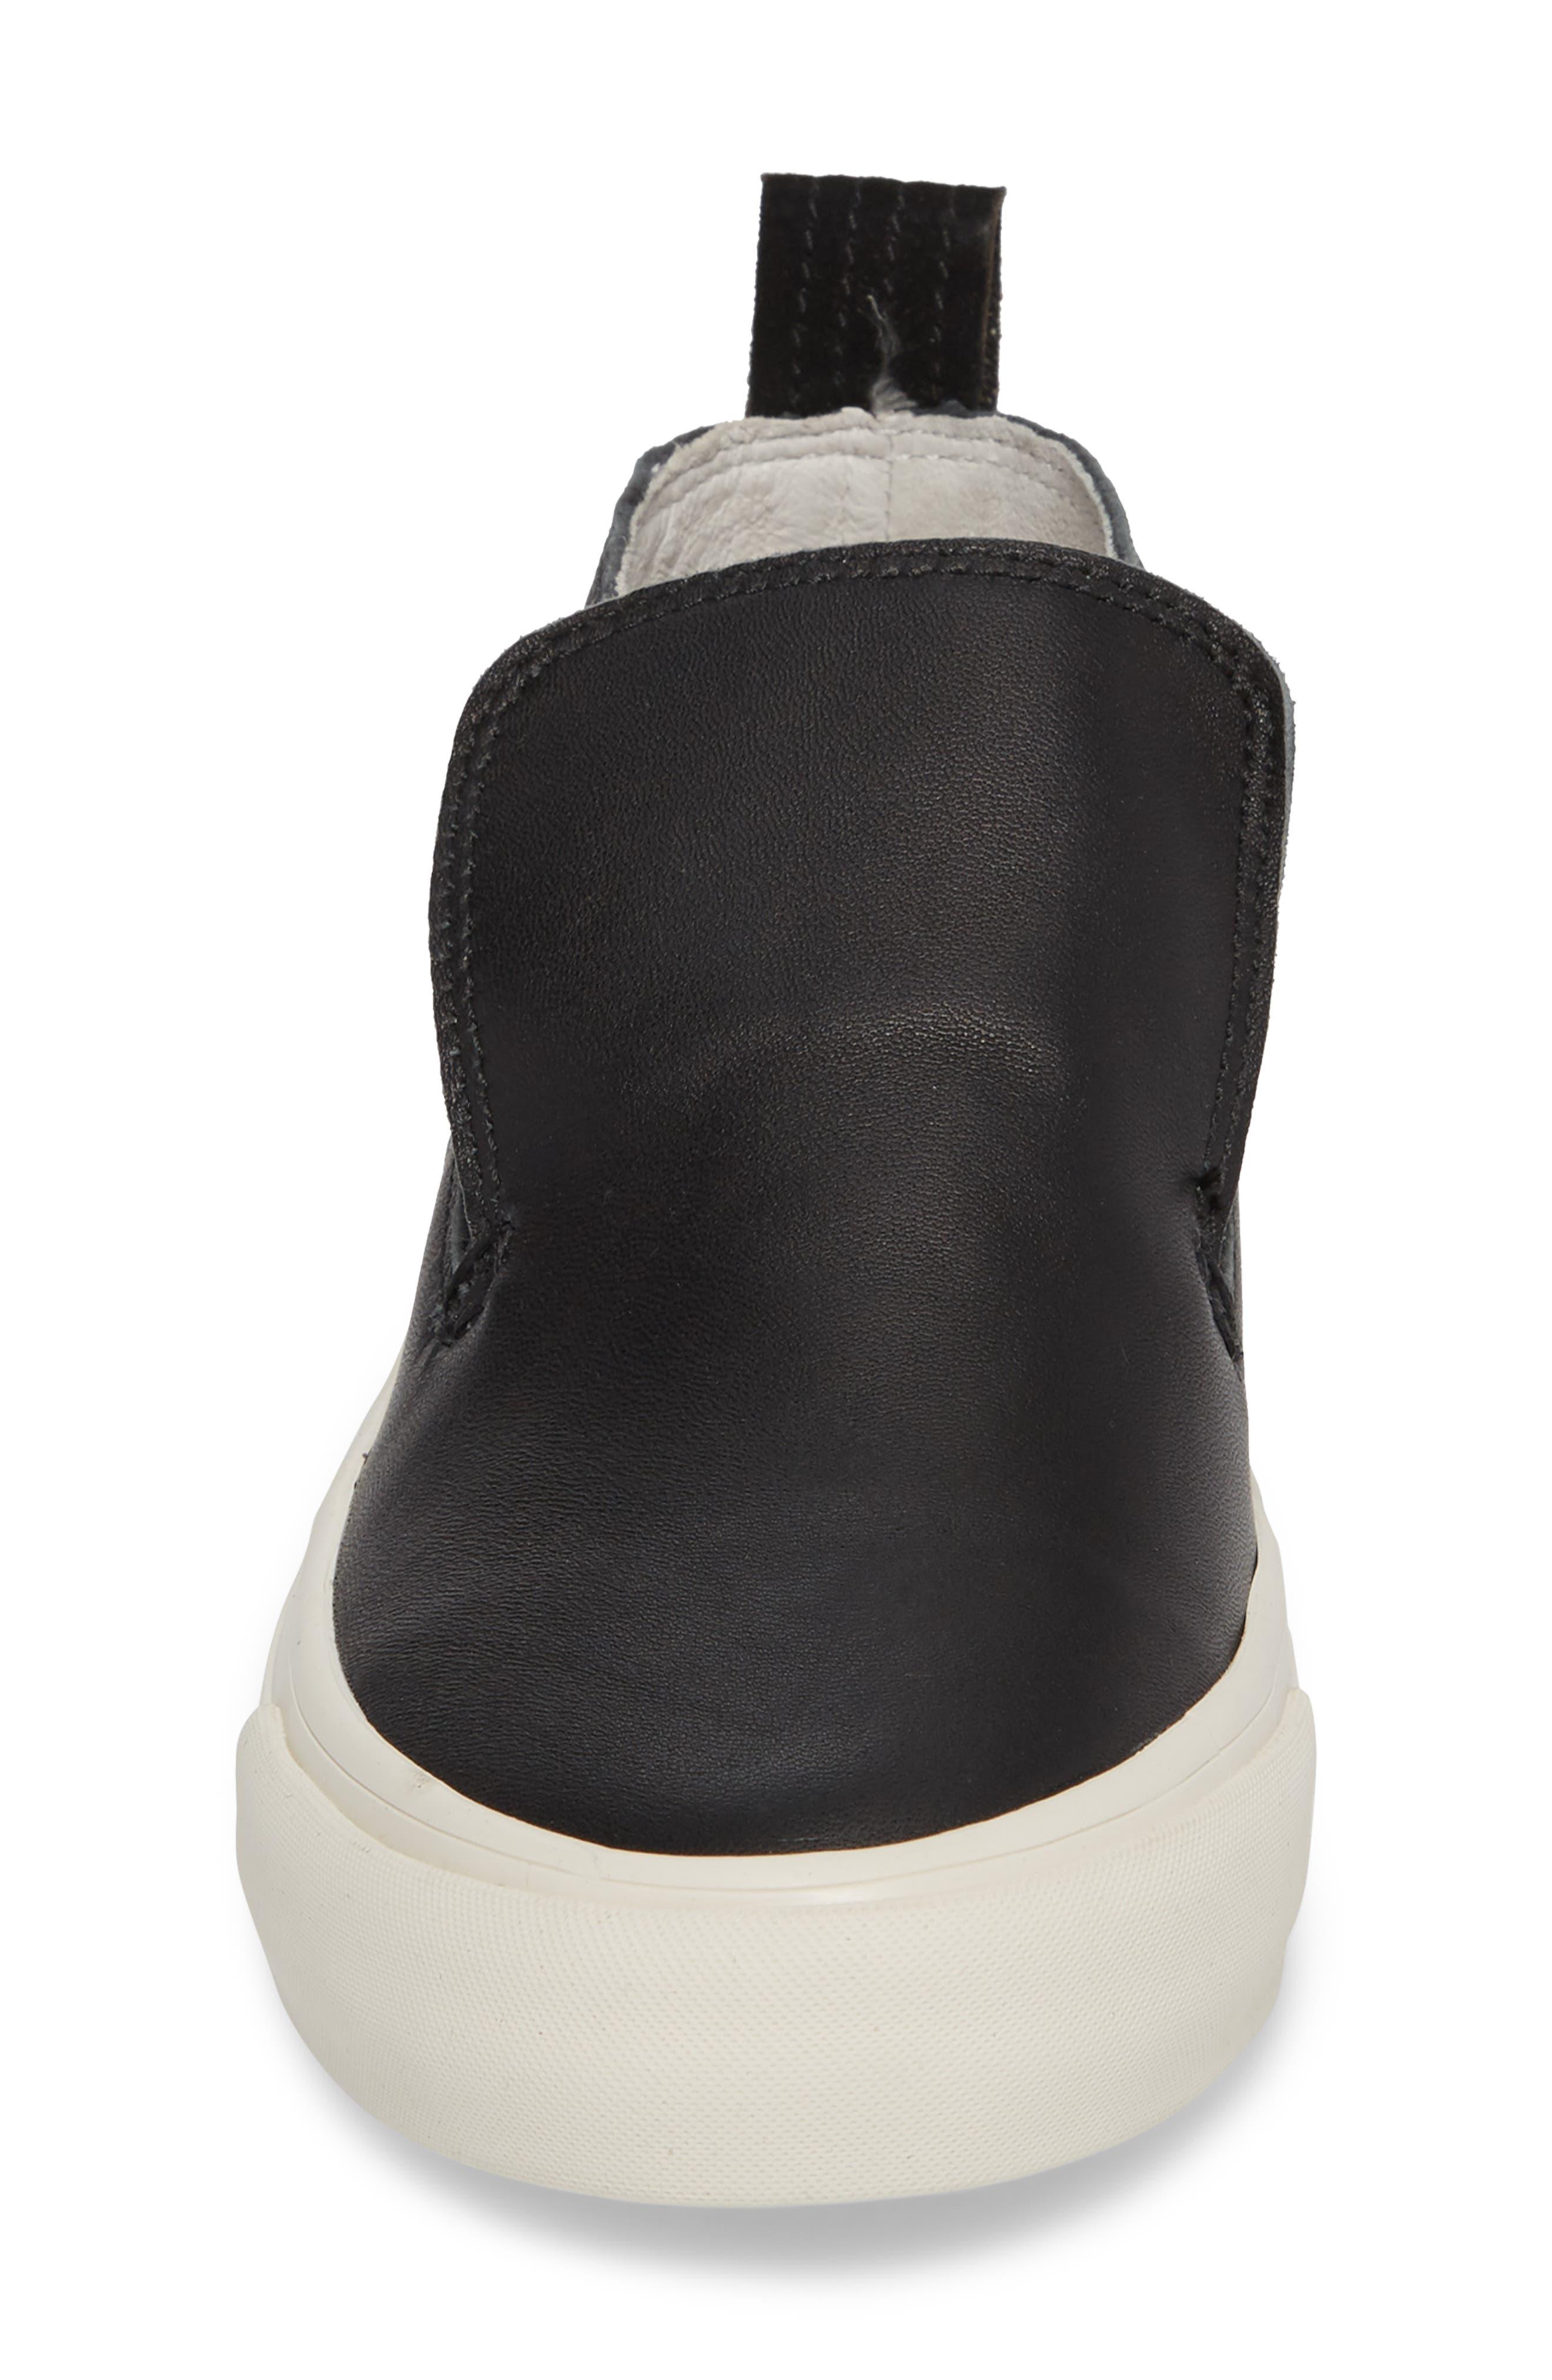 x Derek Lam 10 Crosby Huntington Middie Sneaker,                             Alternate thumbnail 4, color,                             Black Leather